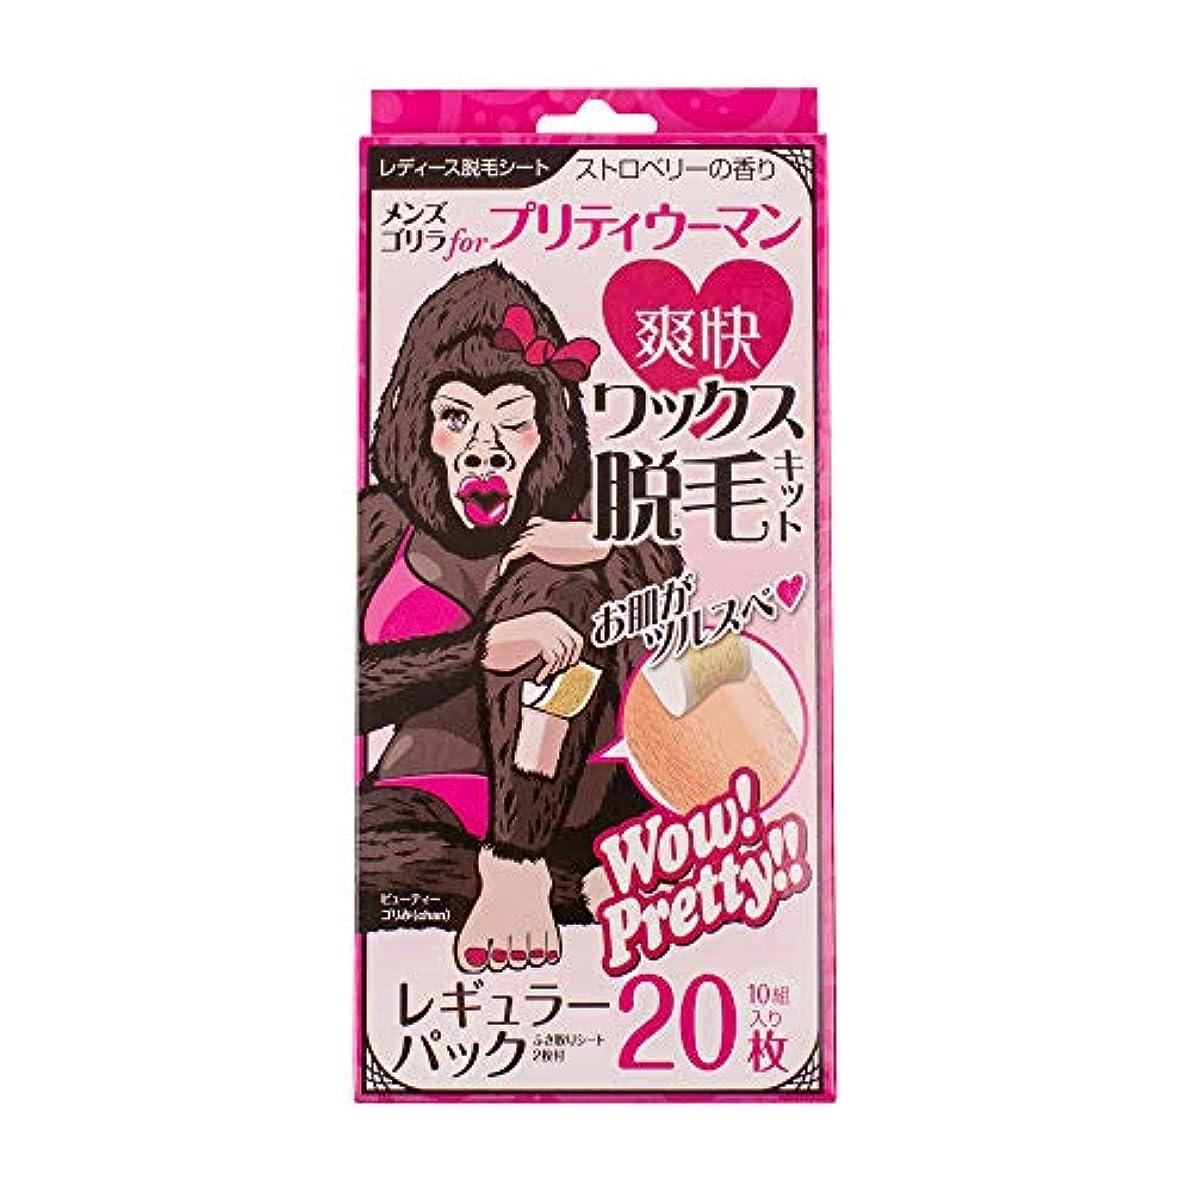 アルバム増幅器偏見メンズゴリラ for pretty womenゴリみ ワックス脱毛シート レギュラーパック10組20枚入り